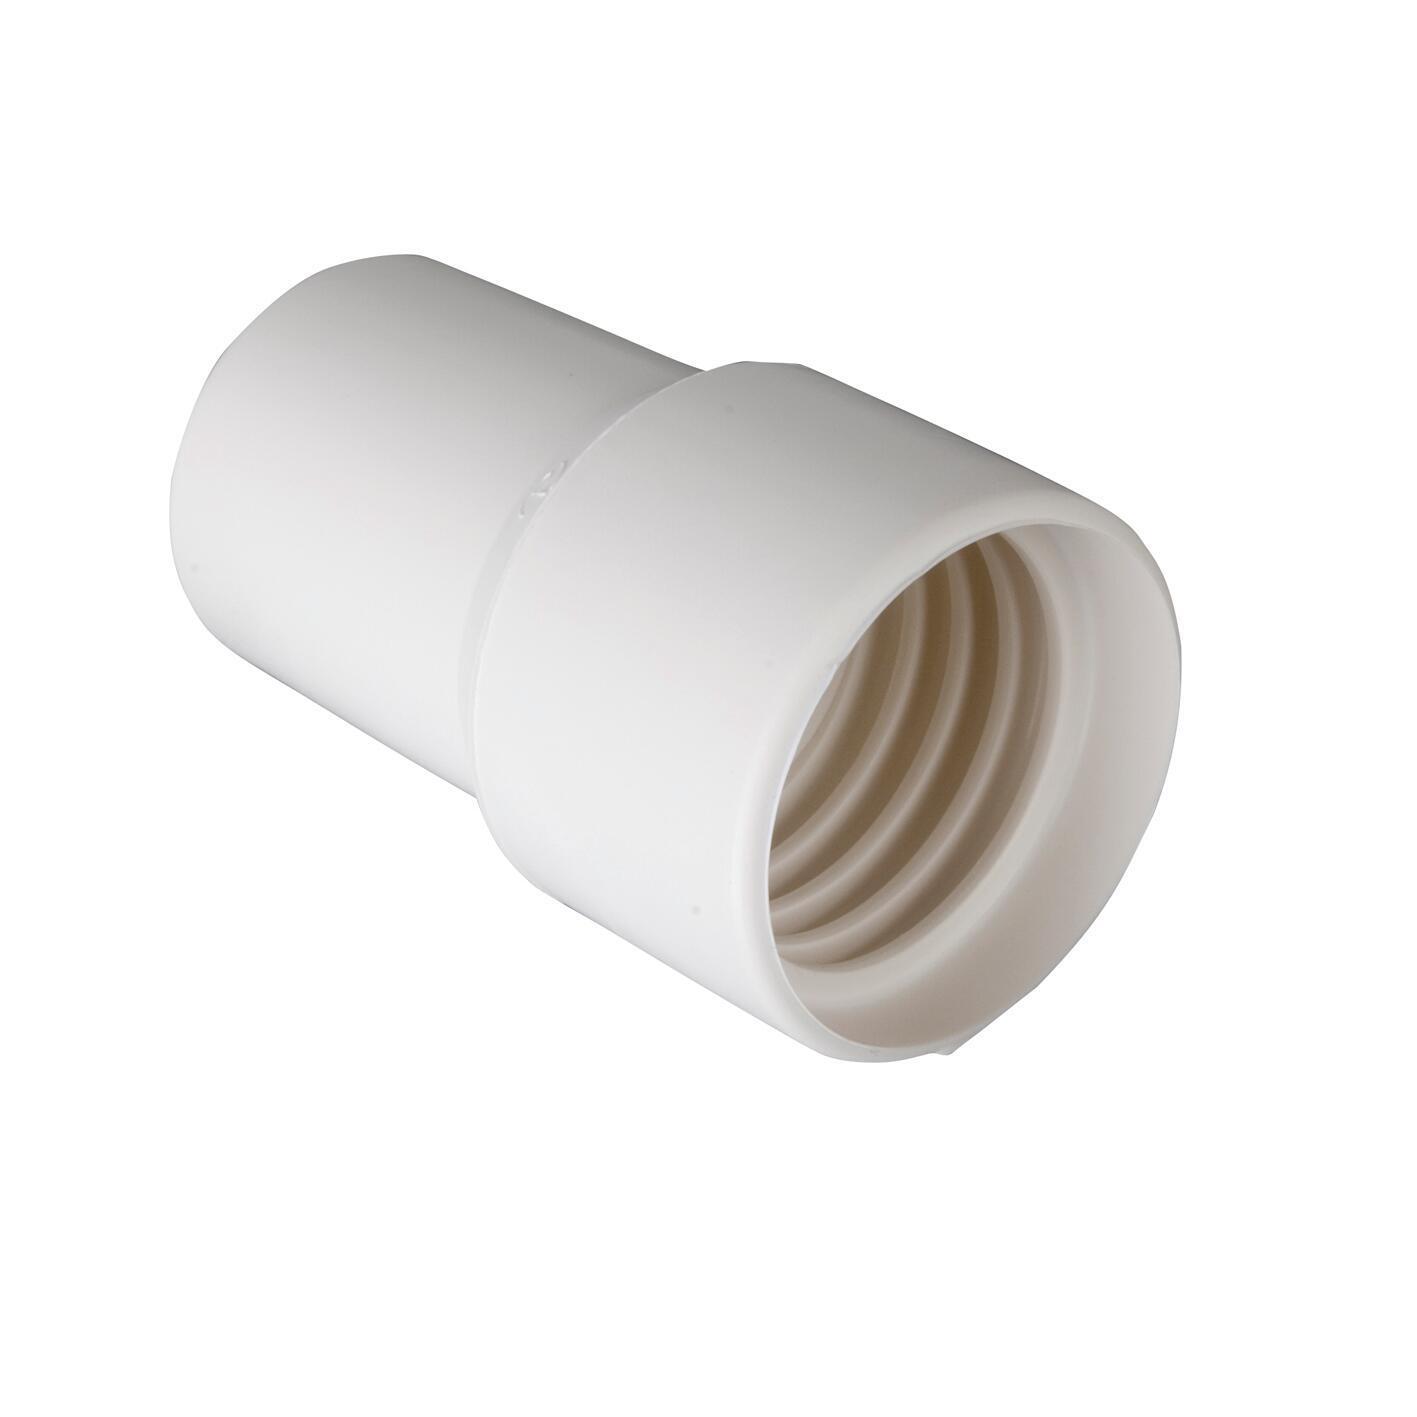 Raccordo per tubo galleggiante GRE D.38